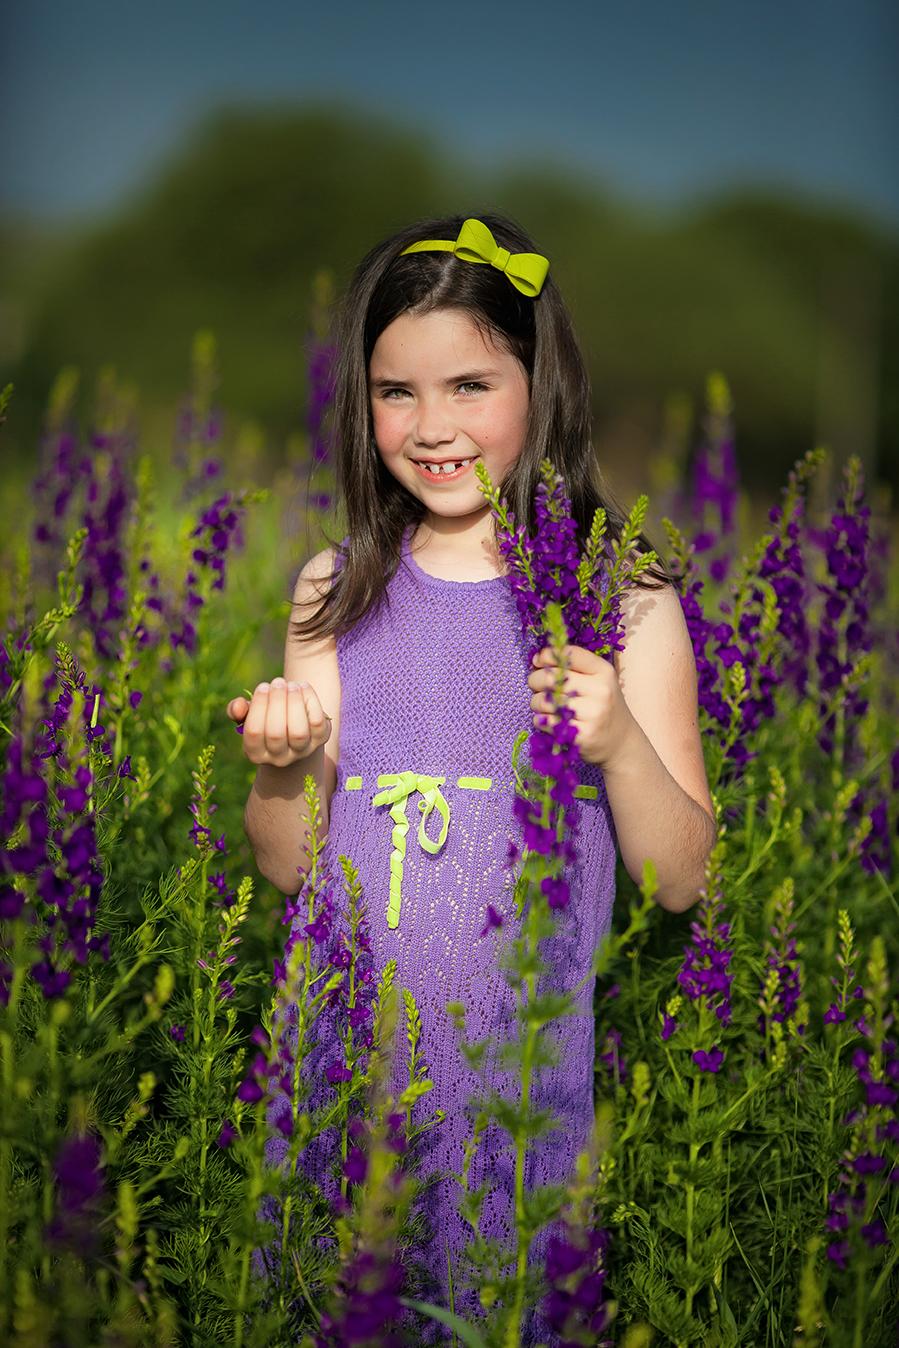 детска фотография (12)